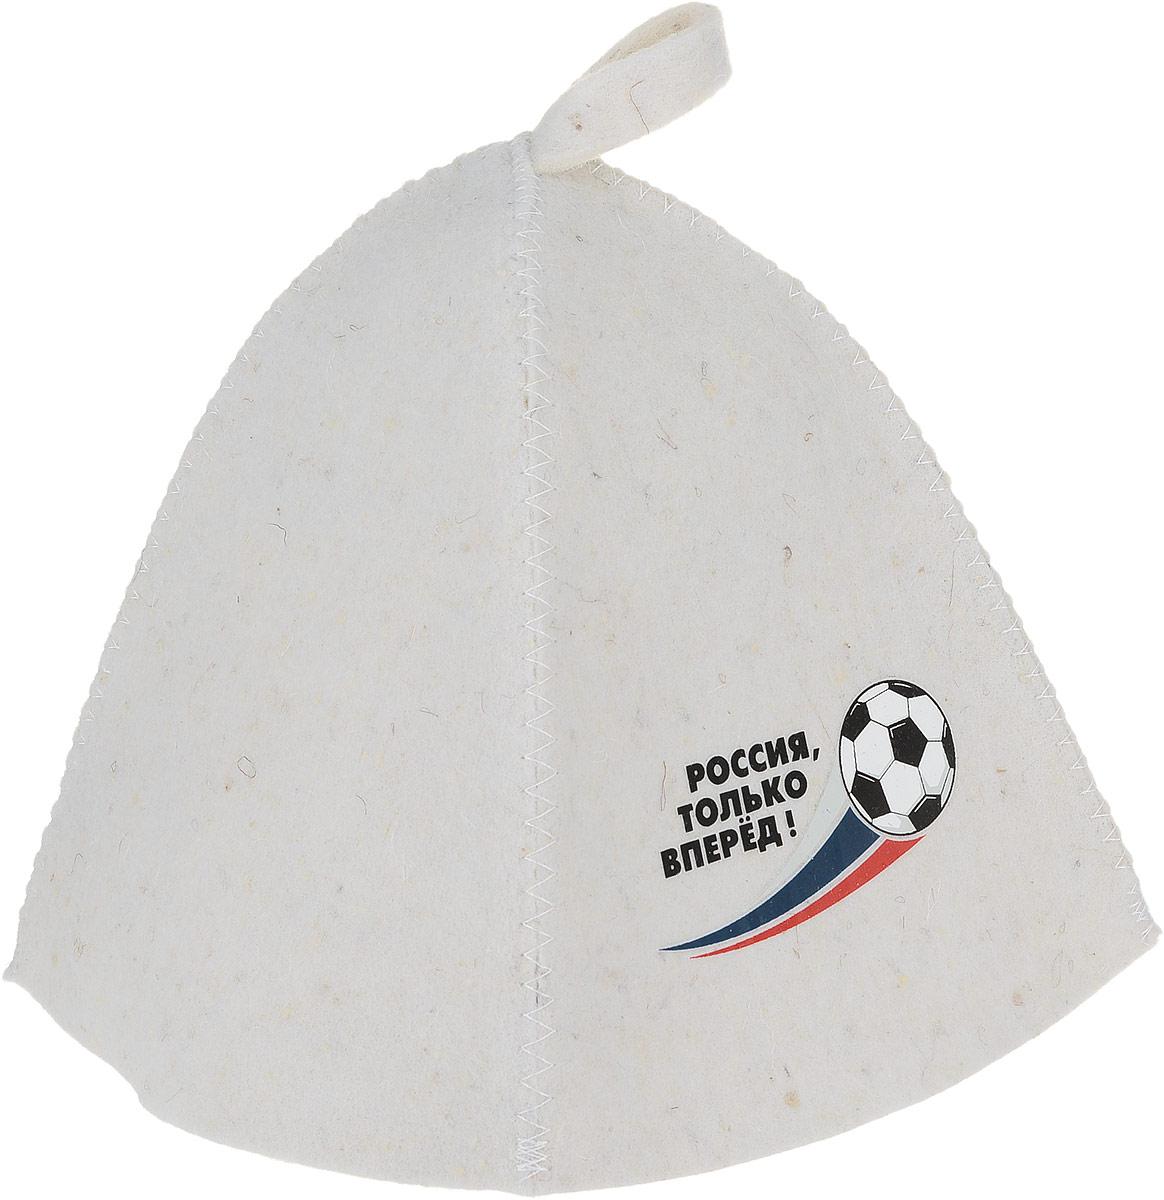 Шапка для бани и сауны Нot Pot Россия, только вперёд! шапка для бани и сауны нot pot эволюция